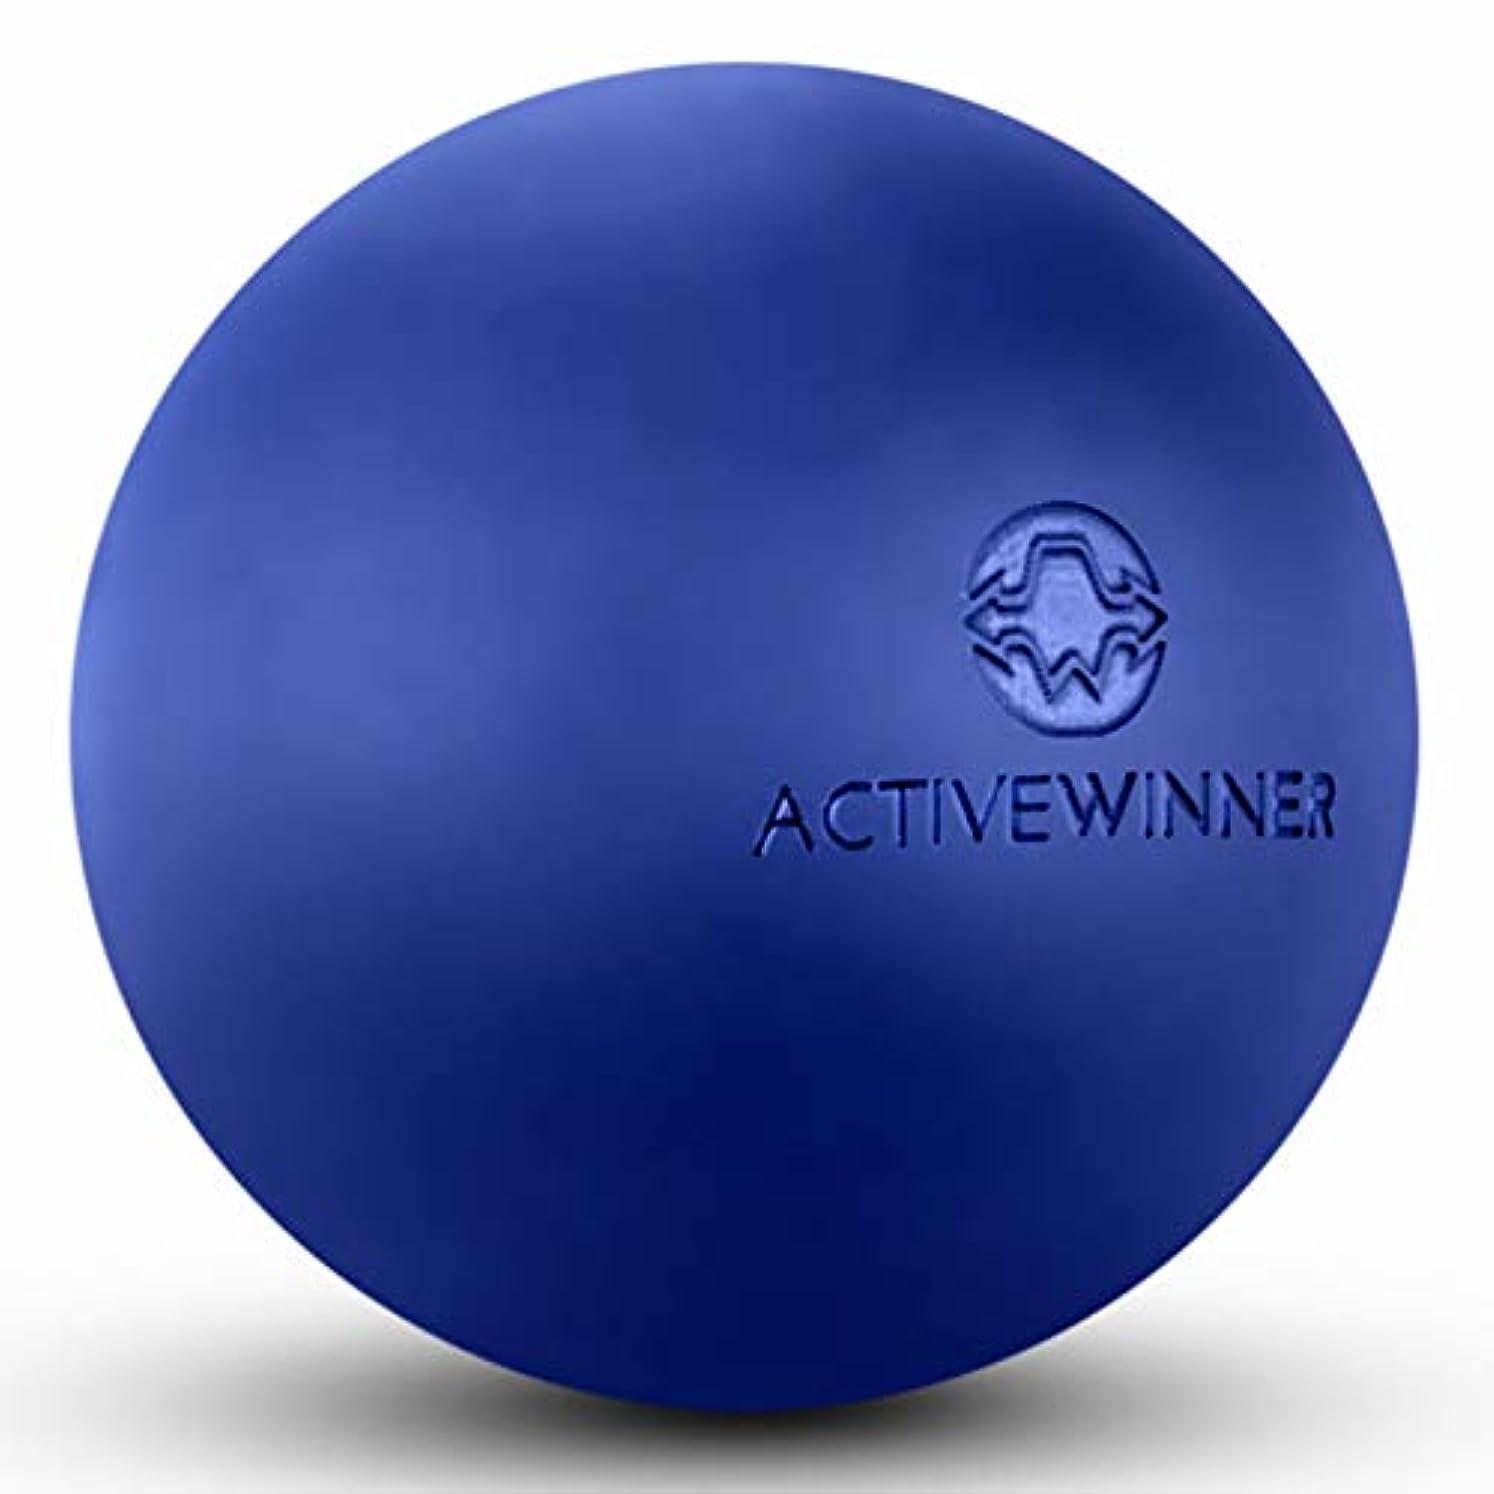 レベル肩をすくめる十億Active Winner マッサージボール トリガーポイント (ネイビー) ストレッチボール 筋膜リリース トレーニング 背中 肩こり 腰 ふくらはぎ 足 ツボ押し